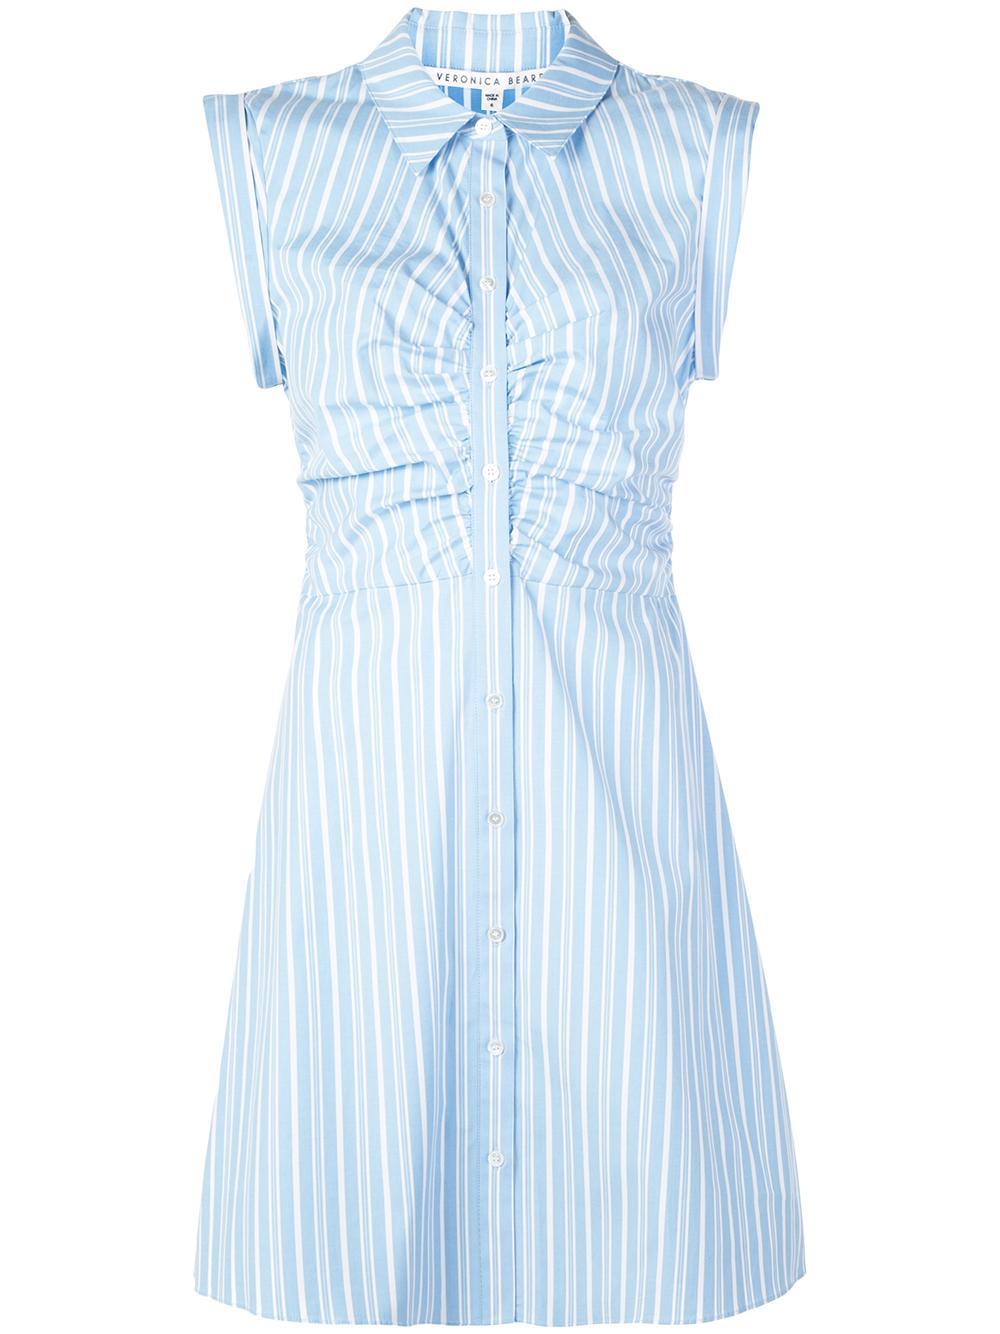 Ferris Sleeveless Striped Button Up Shirt Dress Item # 1905SH0122680